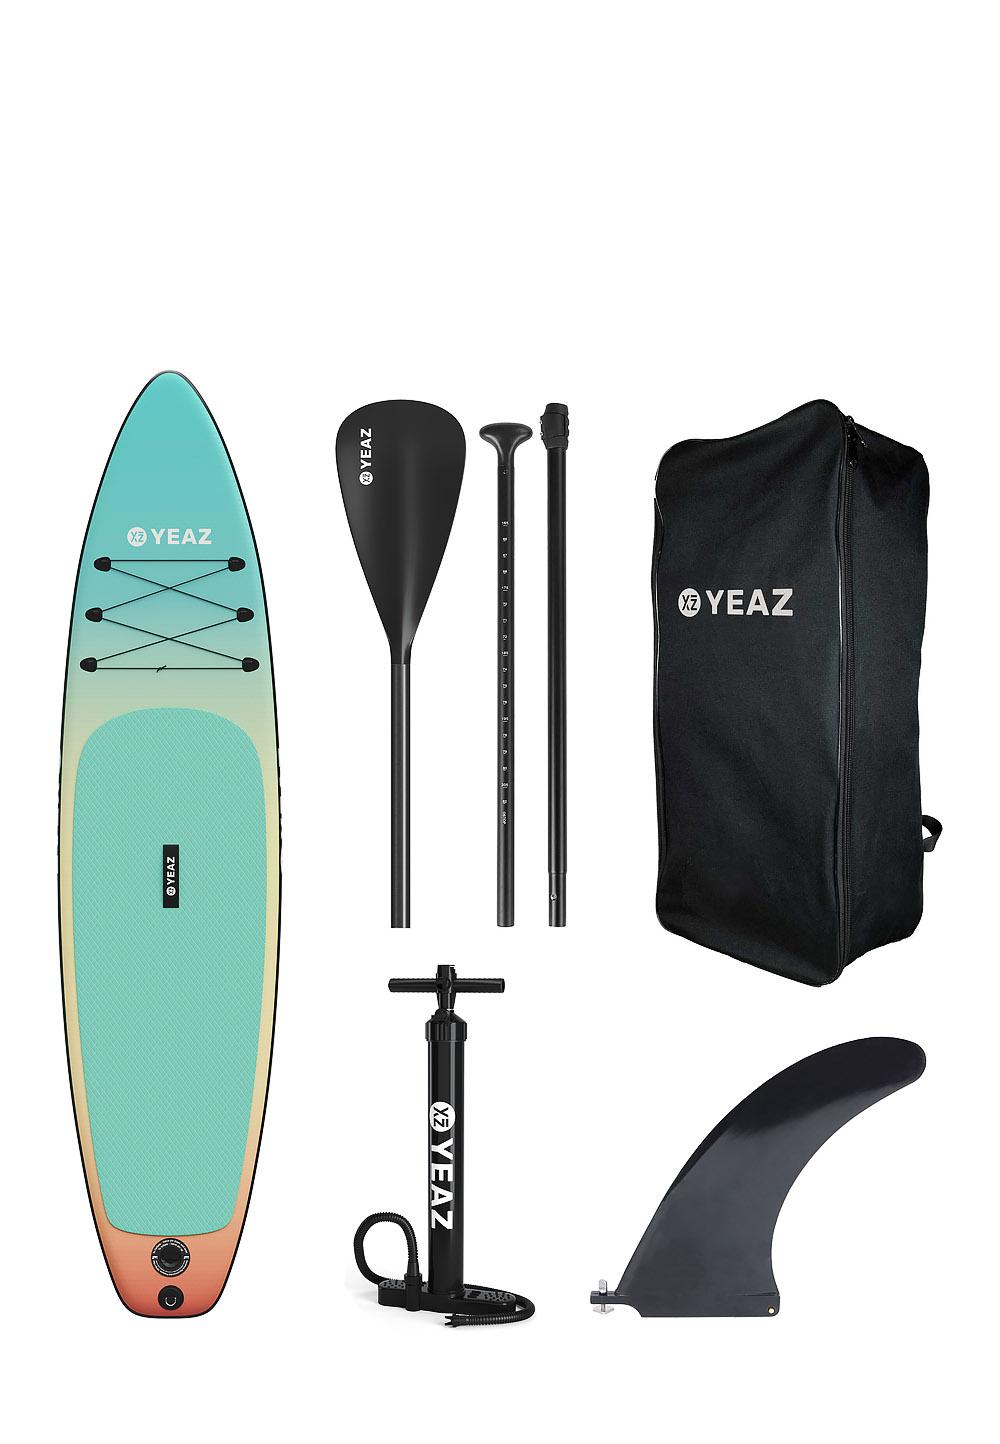 YEAZ SUP Exotrek, Board mit Paddel + Zubehör (Preis inkl. 10% Gutschein auf Alles)